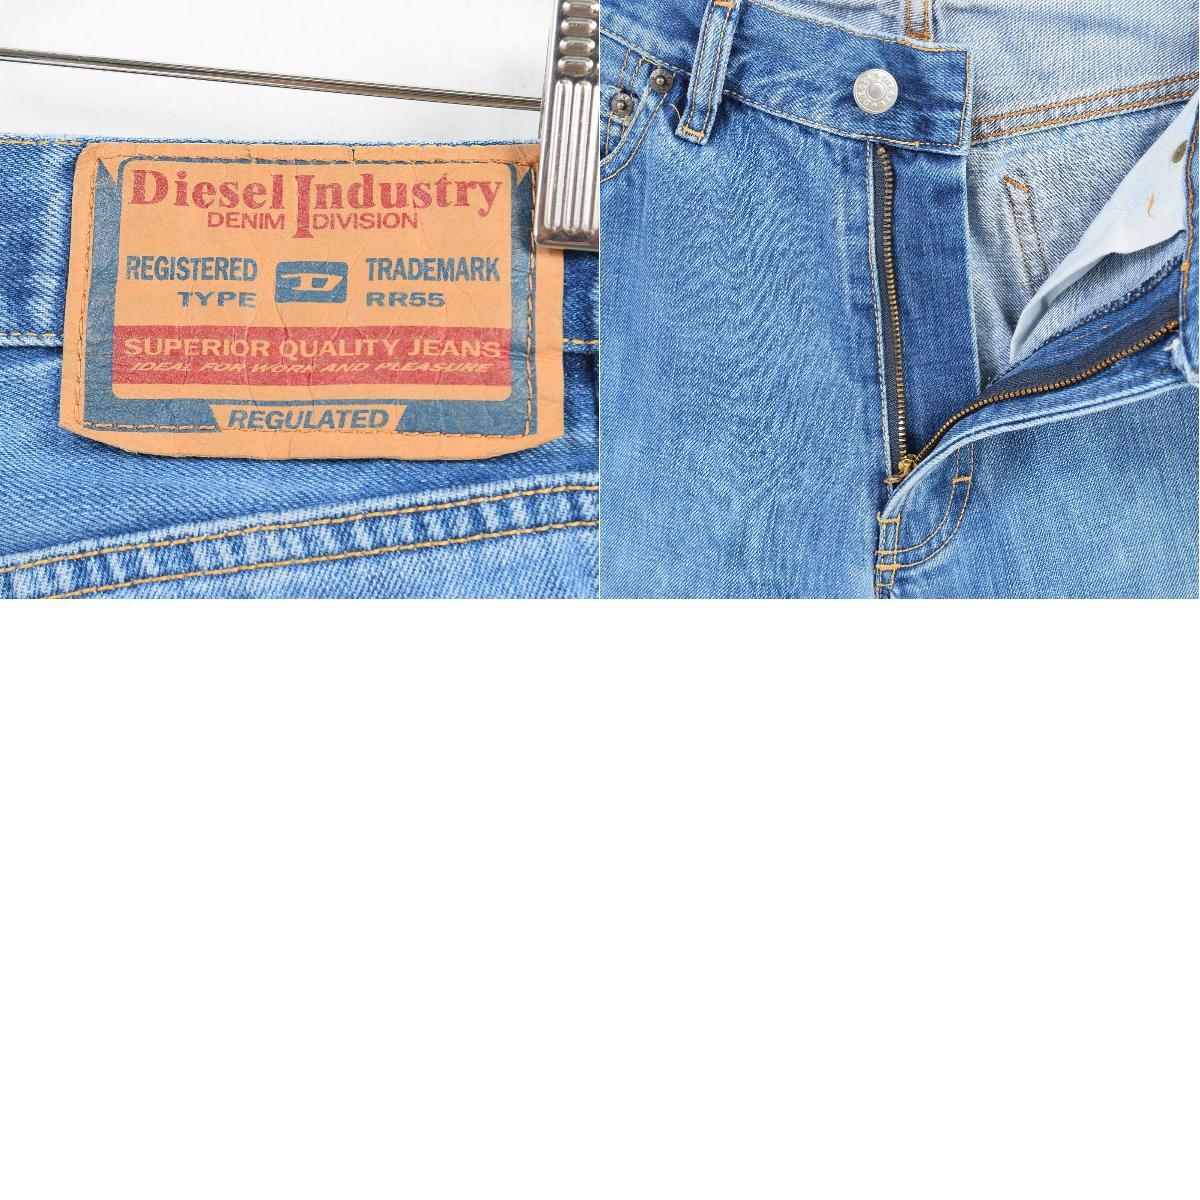 770b14e6 ... Lady's L(w30) /wai8683 made in diesel DIESEL INDUSTRY bootcut jeans  denim underwear